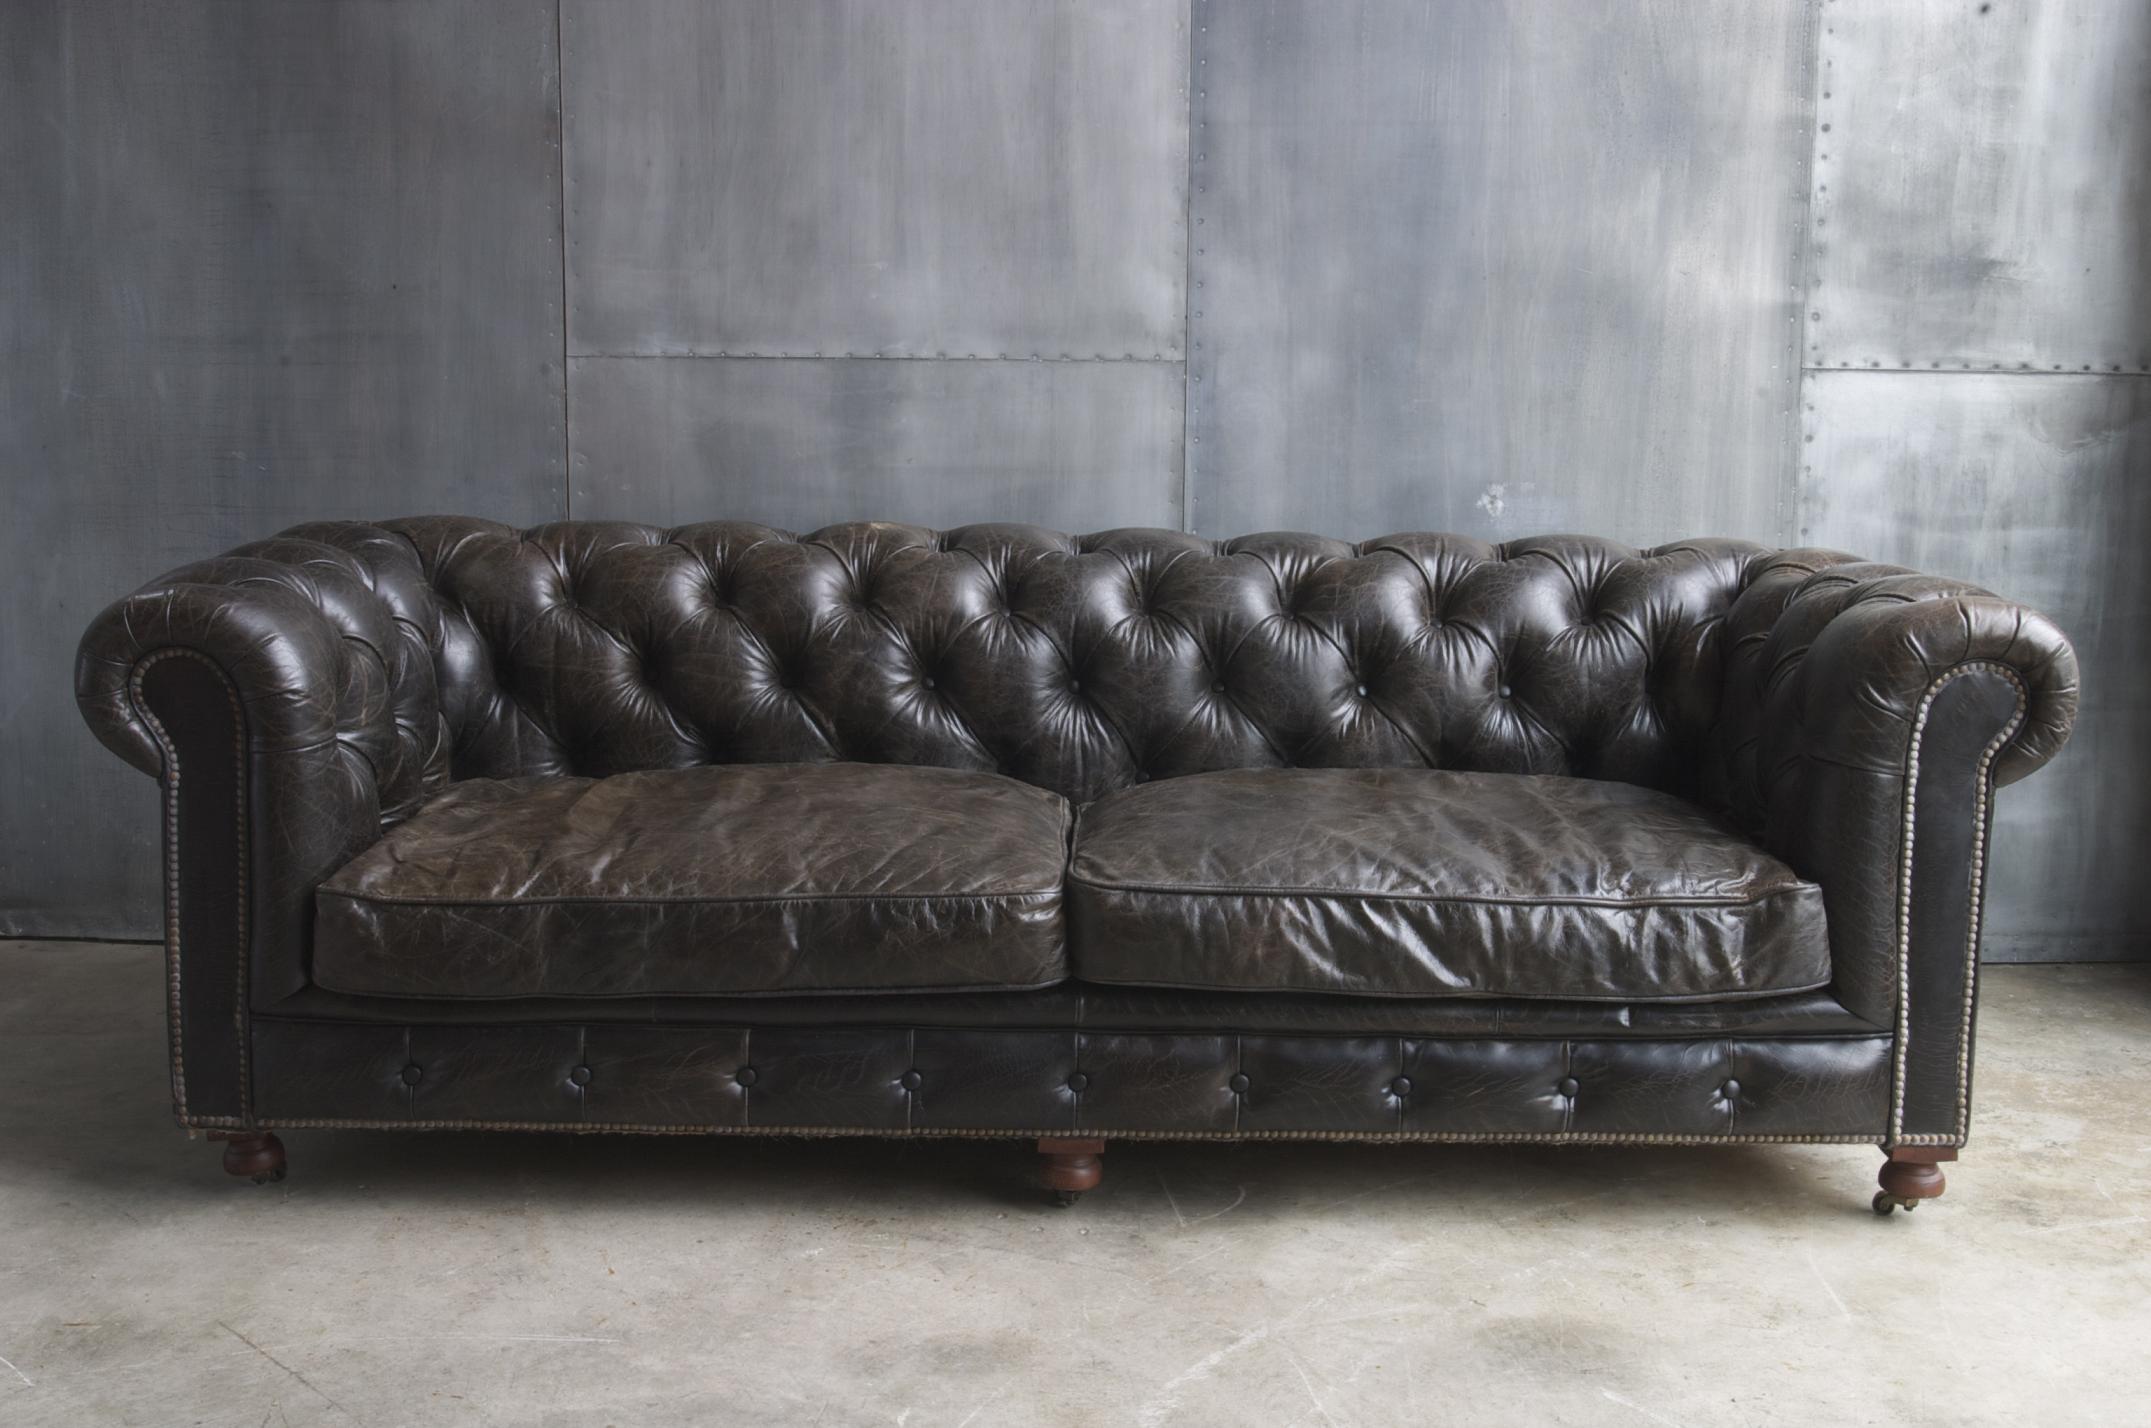 Hl8 sofa chester negro sofas sillas butacas for Catalogo de sofas de piel